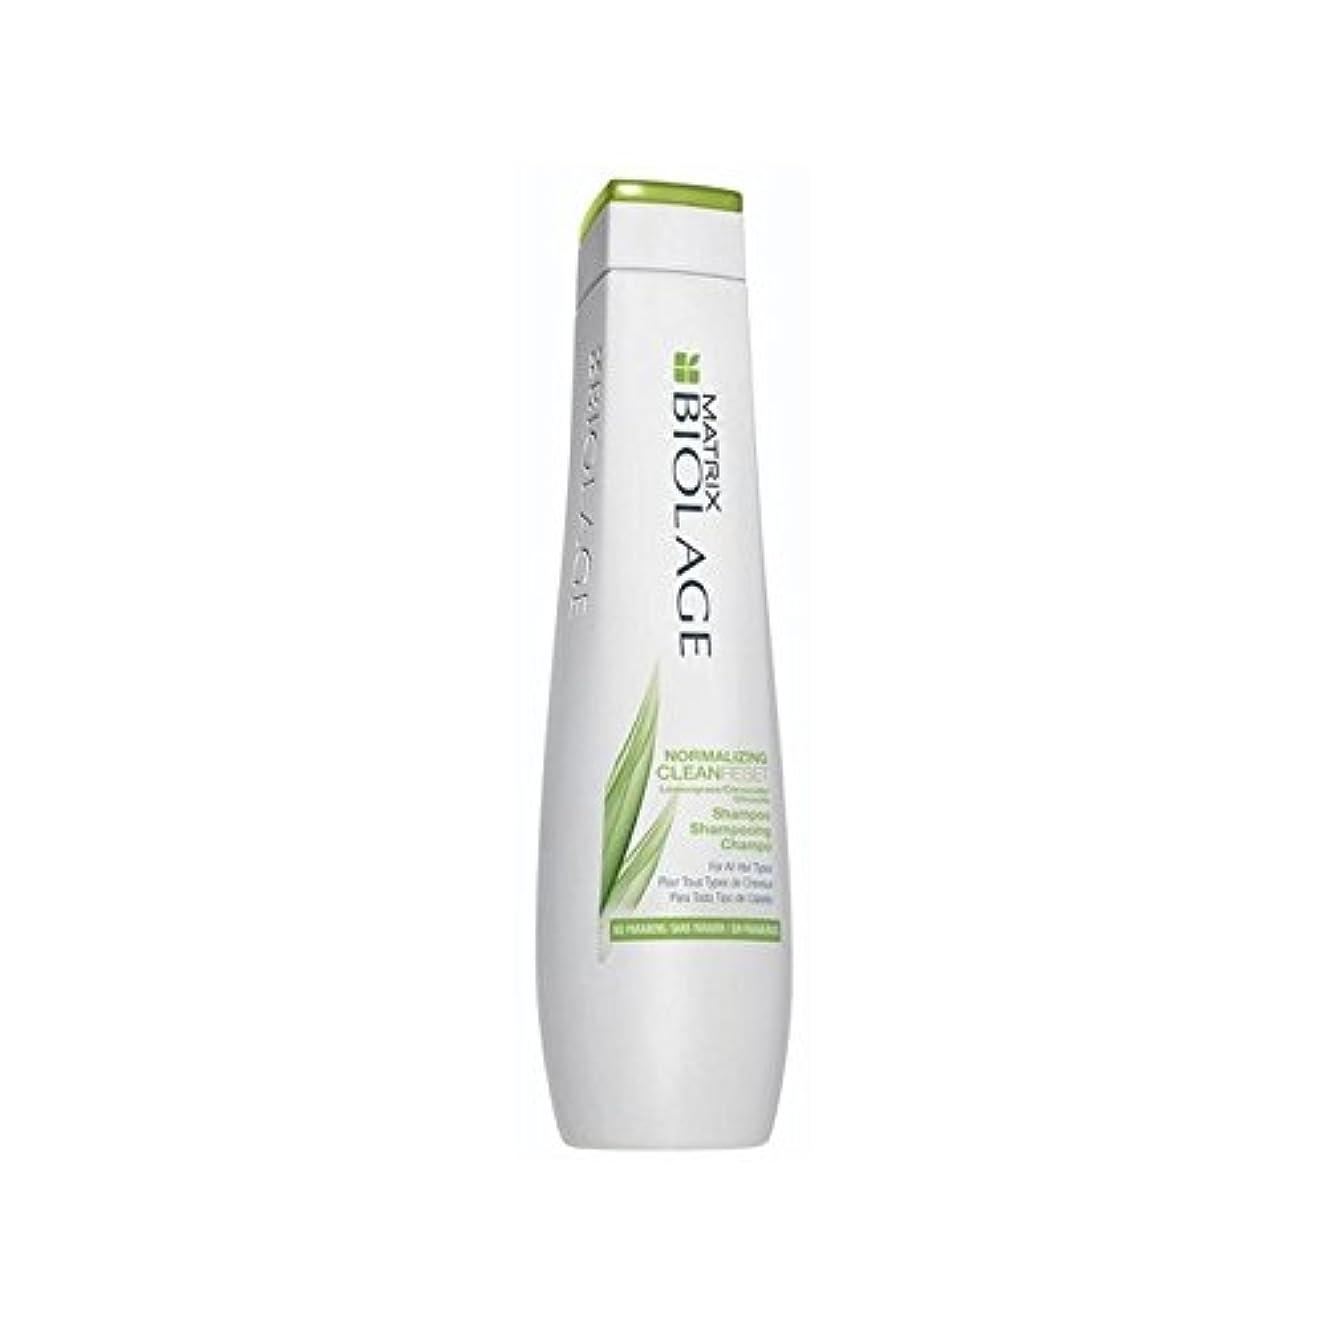 バーガー葉を集める広々としたマトリックスバイオレイジ頭皮正規化シャンプー(250ミリリットル) x4 - Matrix Biolage Scalptherapie Scalp Normalizing Shampoo (250ml) (Pack of 4) [並行輸入品]